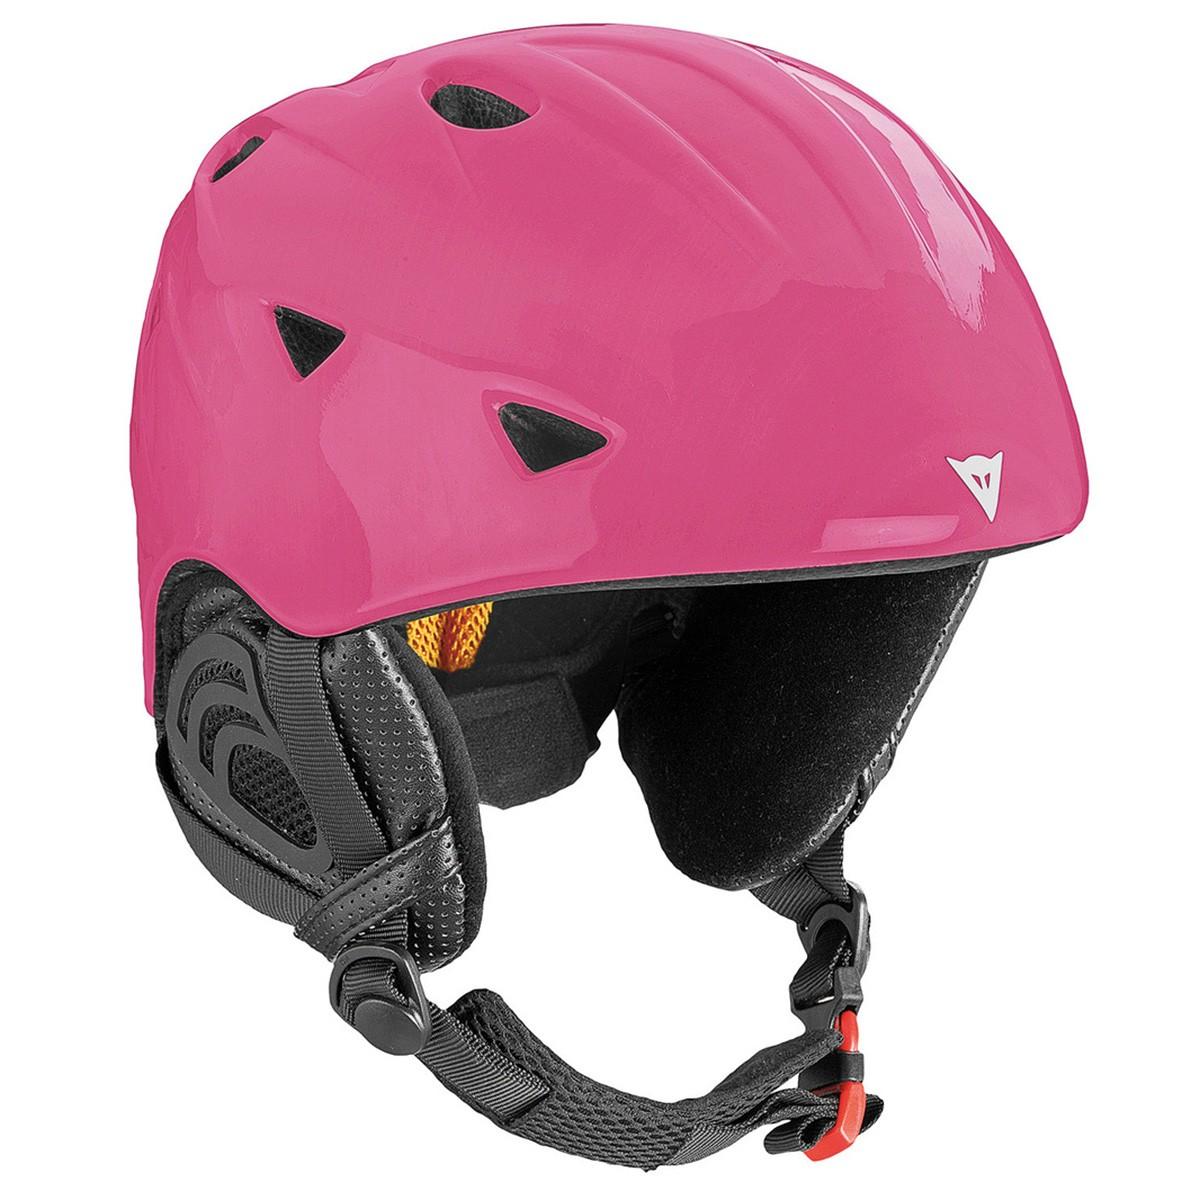 Casco sci Dainese D-Ride (Colore: fucsia, Taglia: 2XS)